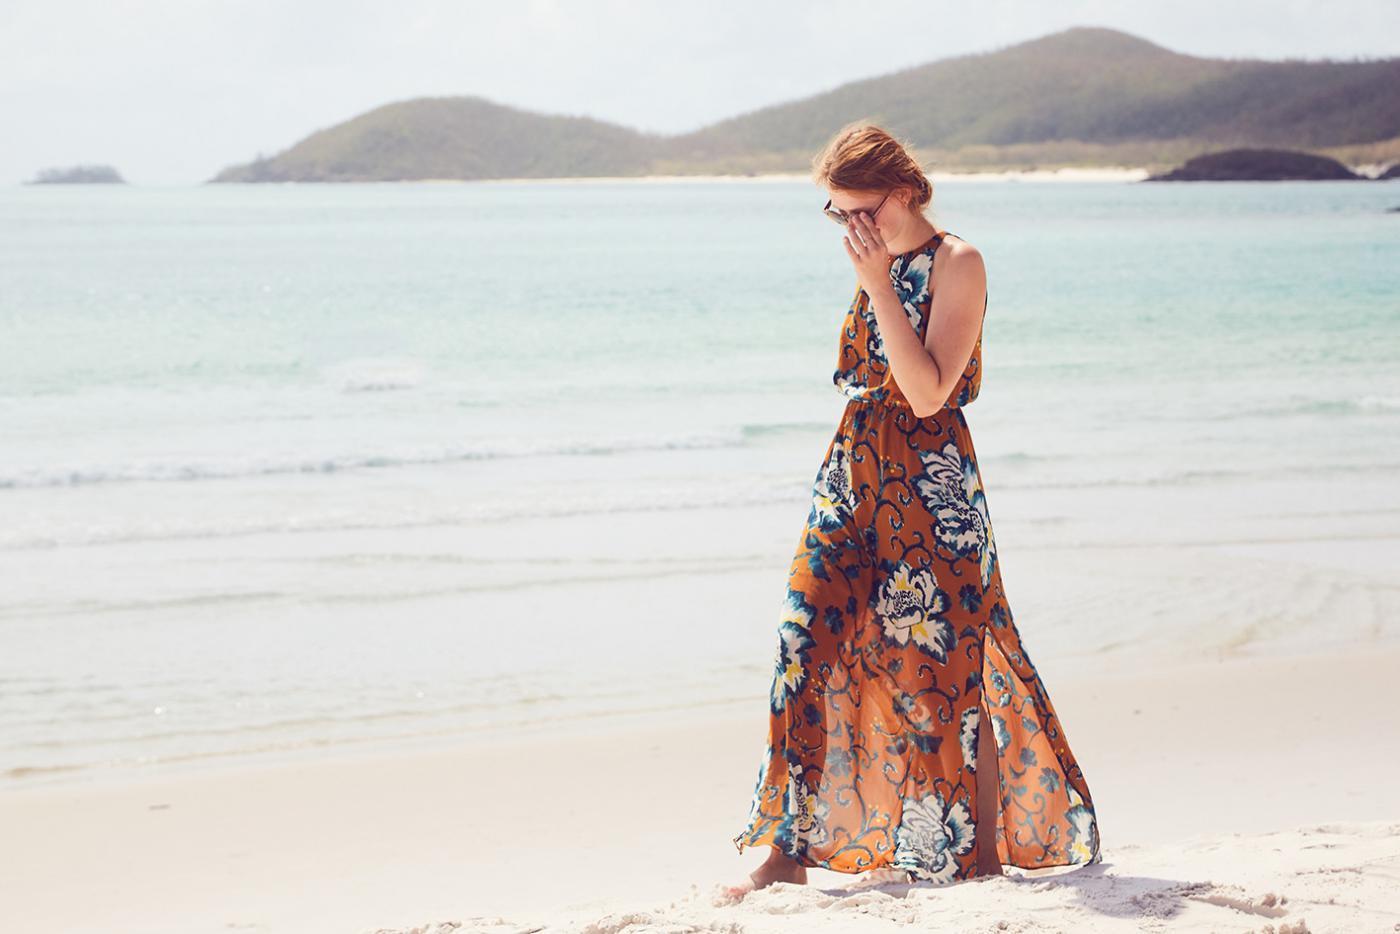 Whitehaven Beach, Tagesausflug, Tagestour, Warum ich nicht das gesehen habe wofür ich gekommen bin, Whitsunday Islands, Reiseblog, Erfahrungsbericht, Travelblog, Australien, Australia